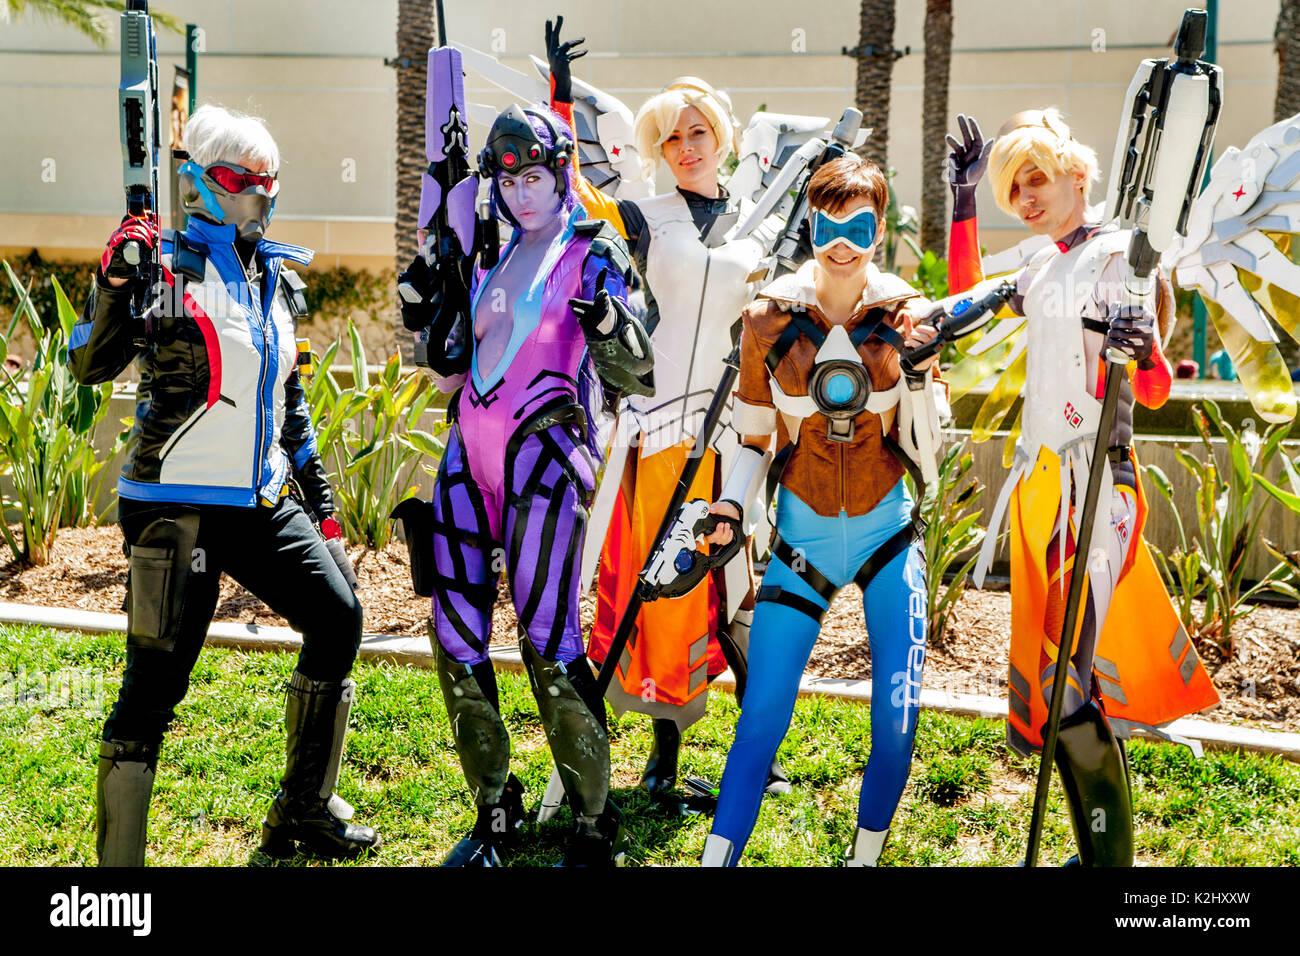 Bizarr kostümierten jungen erwachsenen Teilnehmer der Comic Convention WonderCon futuristisch außerhalb im Anaheim, CA, Convention Center darstellen. Stockbild